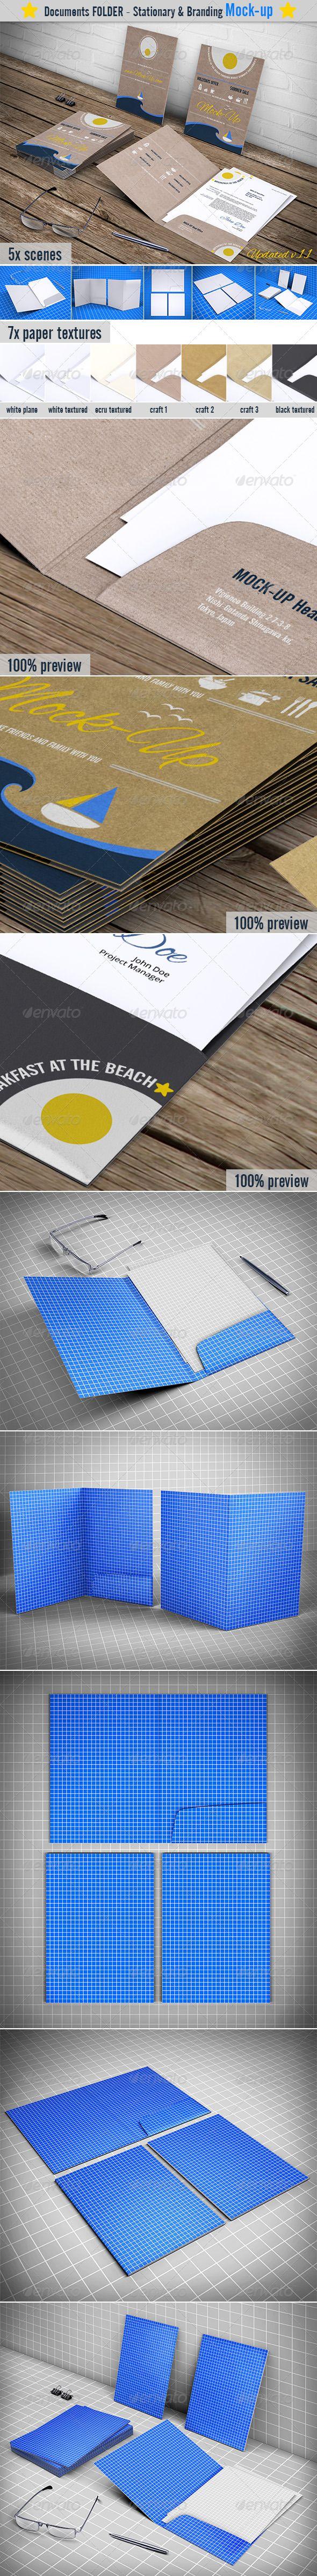 File Folder / Document Folder Mock-up - Print Product Mock-Ups